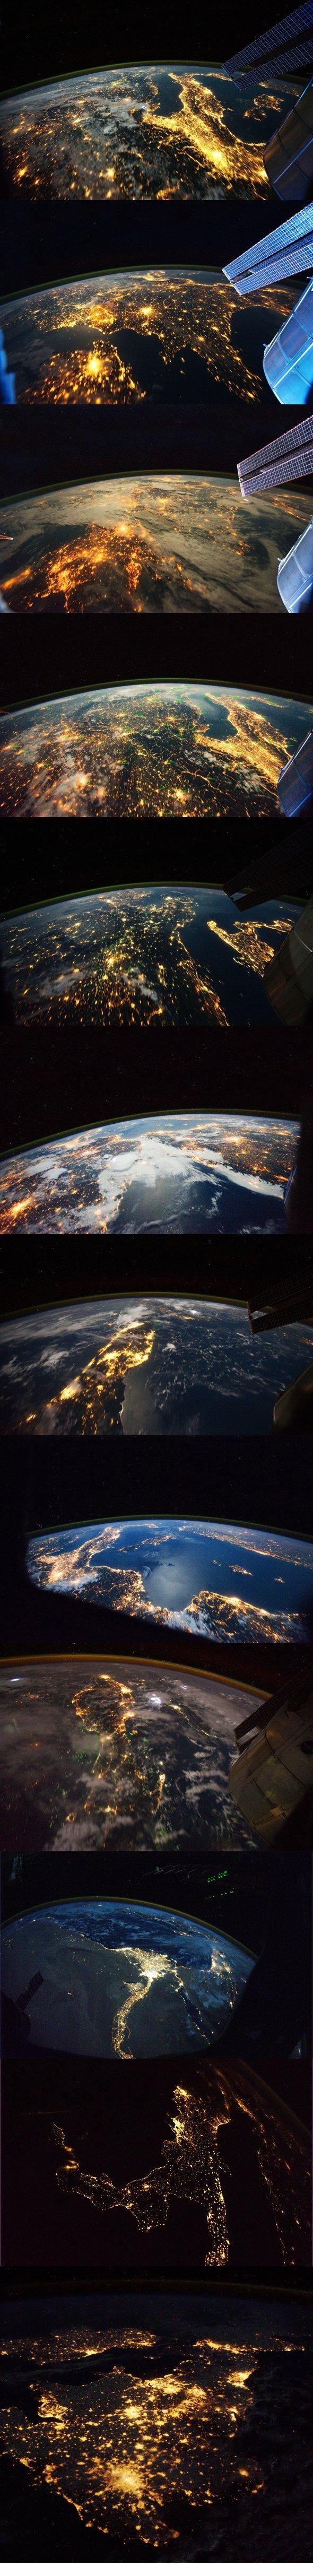 Earth at night.....pretty